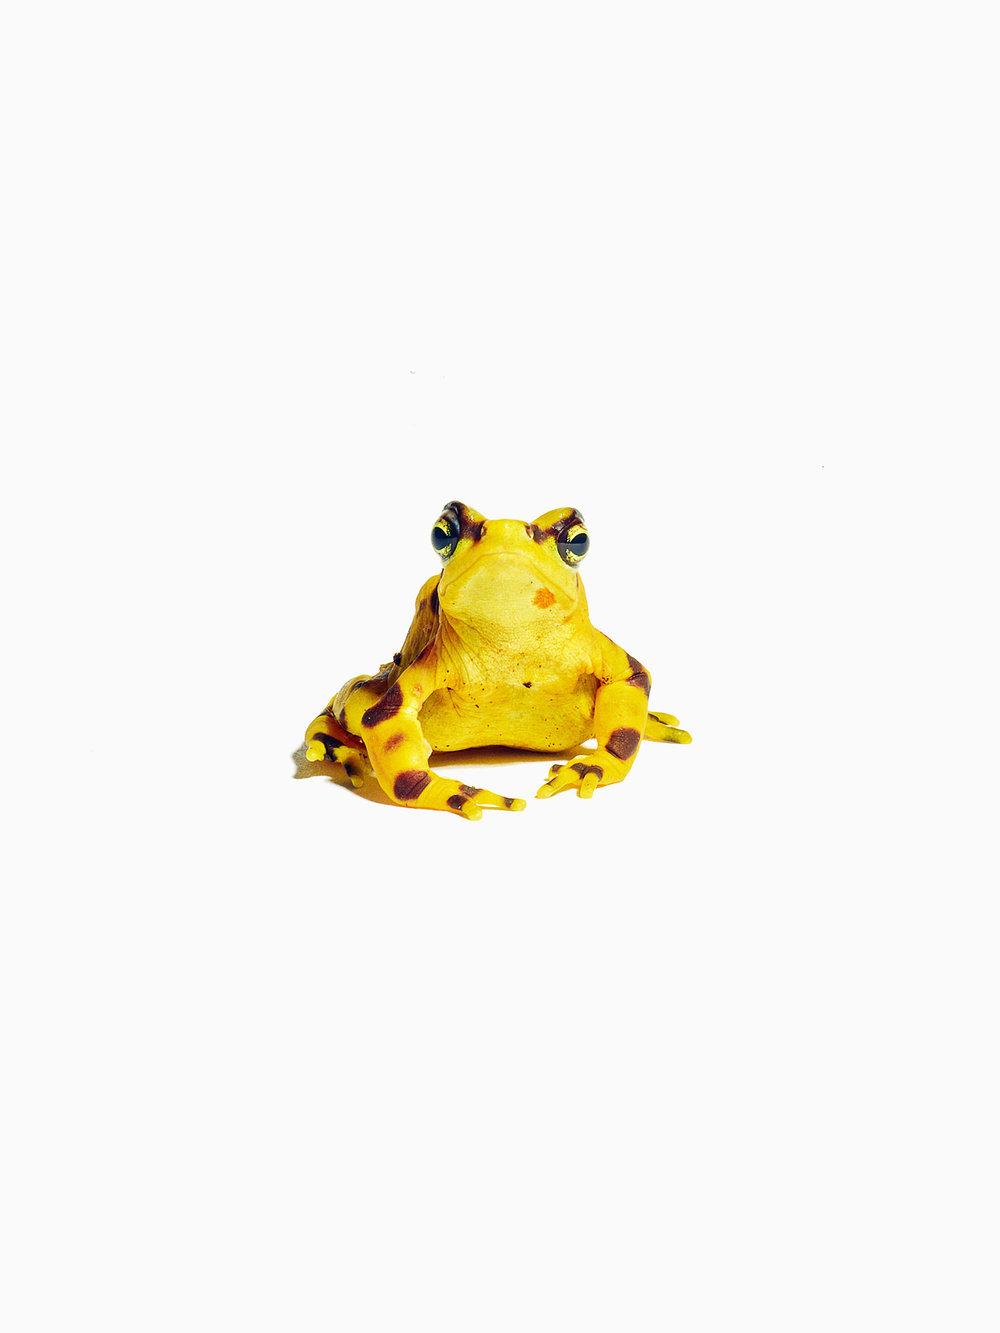 Male Panamanian Golden Frog, Smithsonian National Zoo